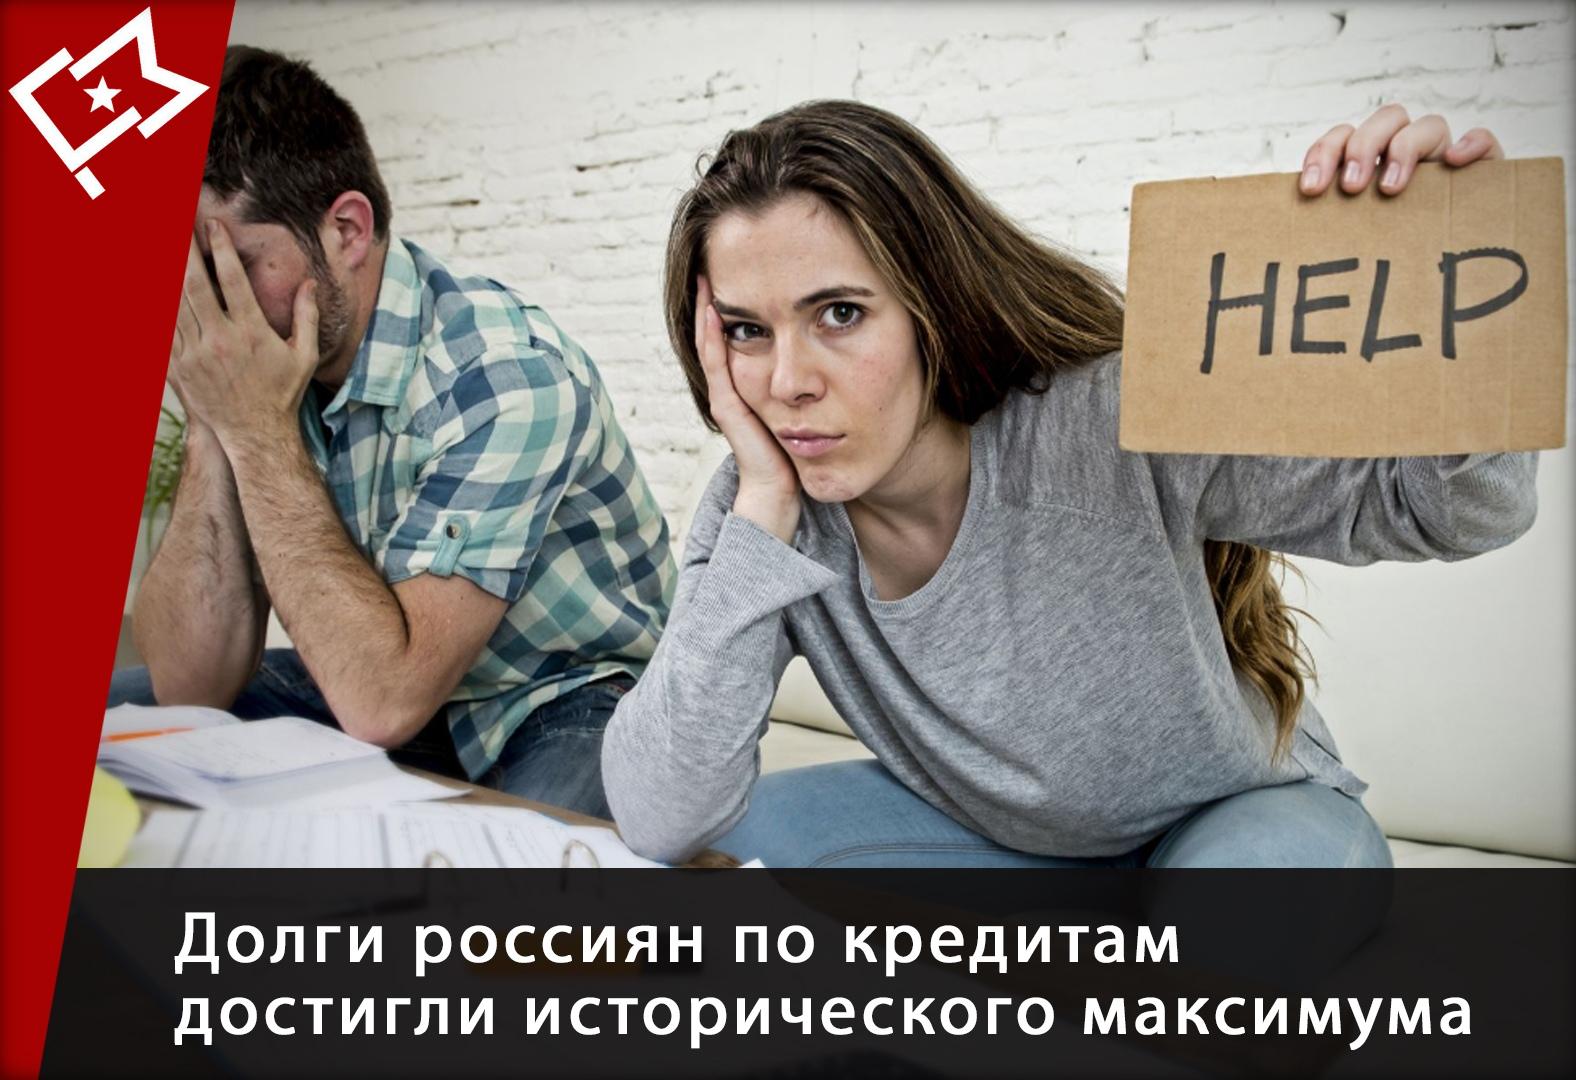 Долги россиян по кредитам достигли исторического максимума